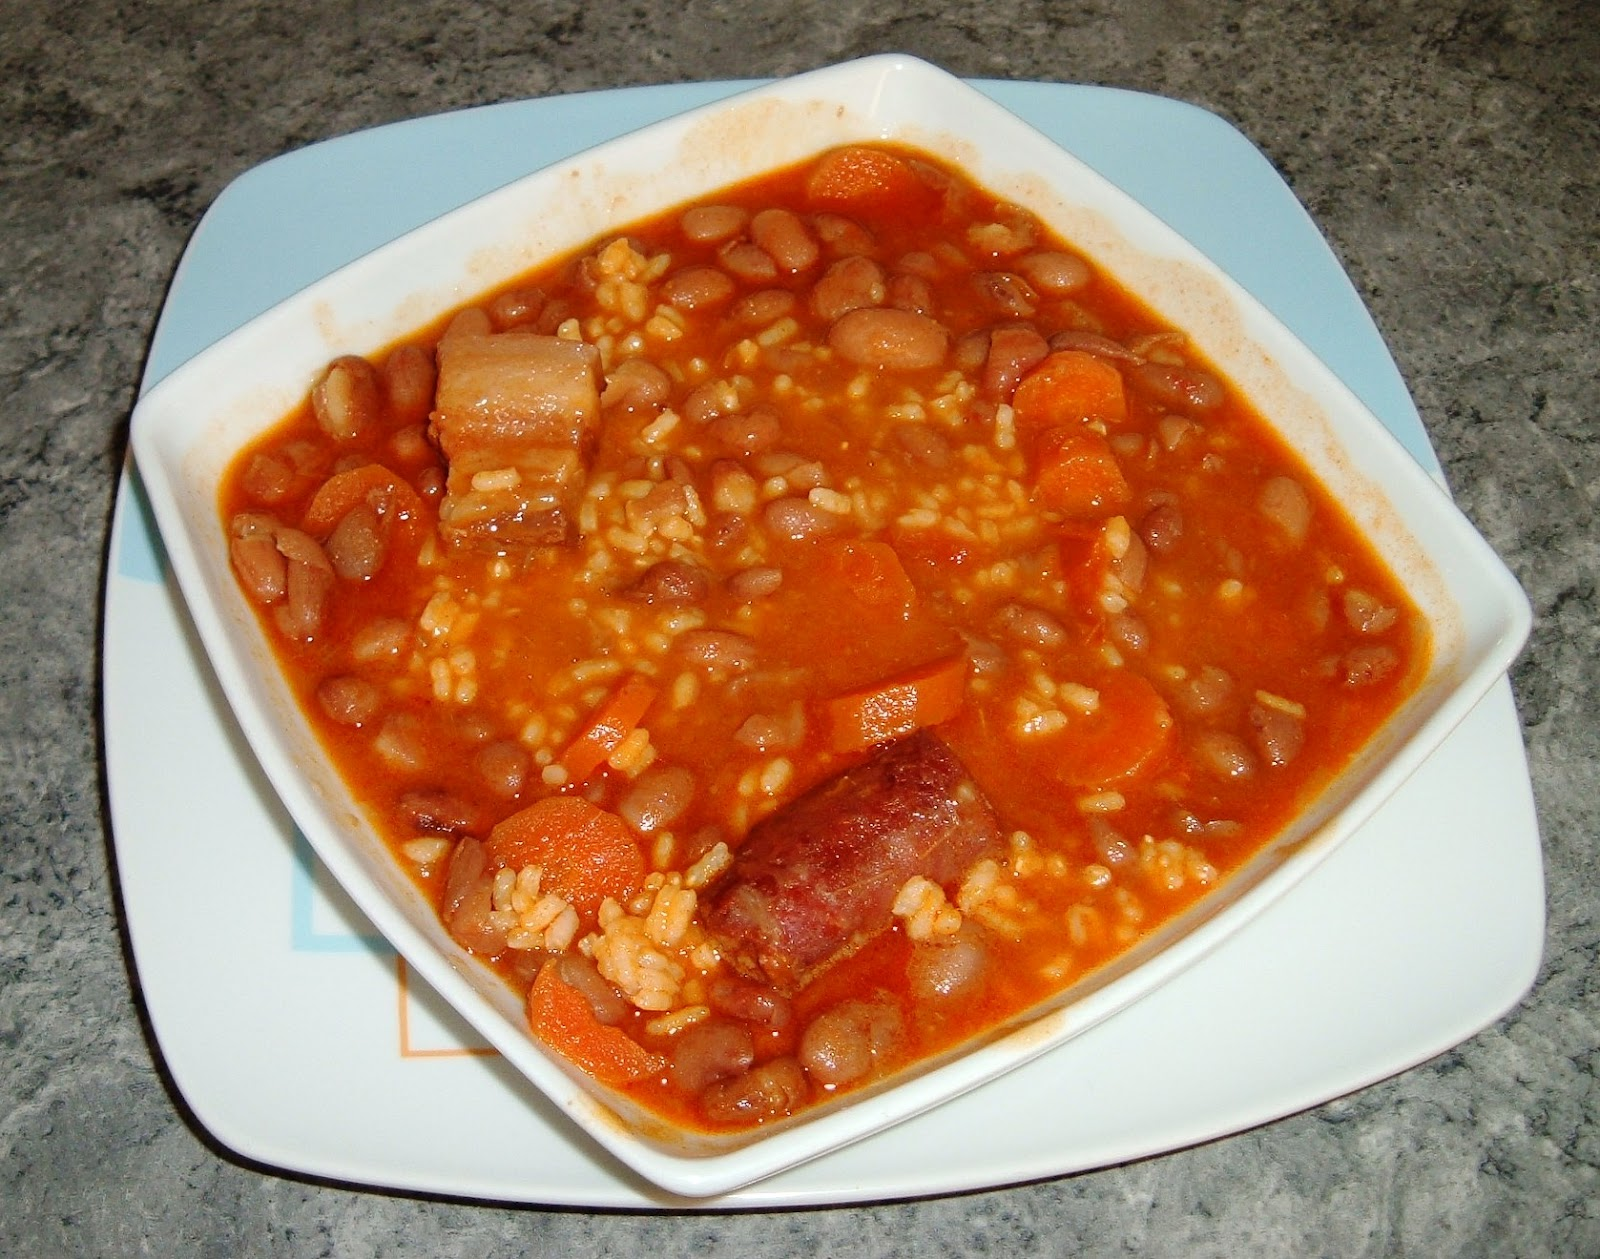 Las recetas caseras de may judias pintas con arroz - Guiso de judias pintas ...